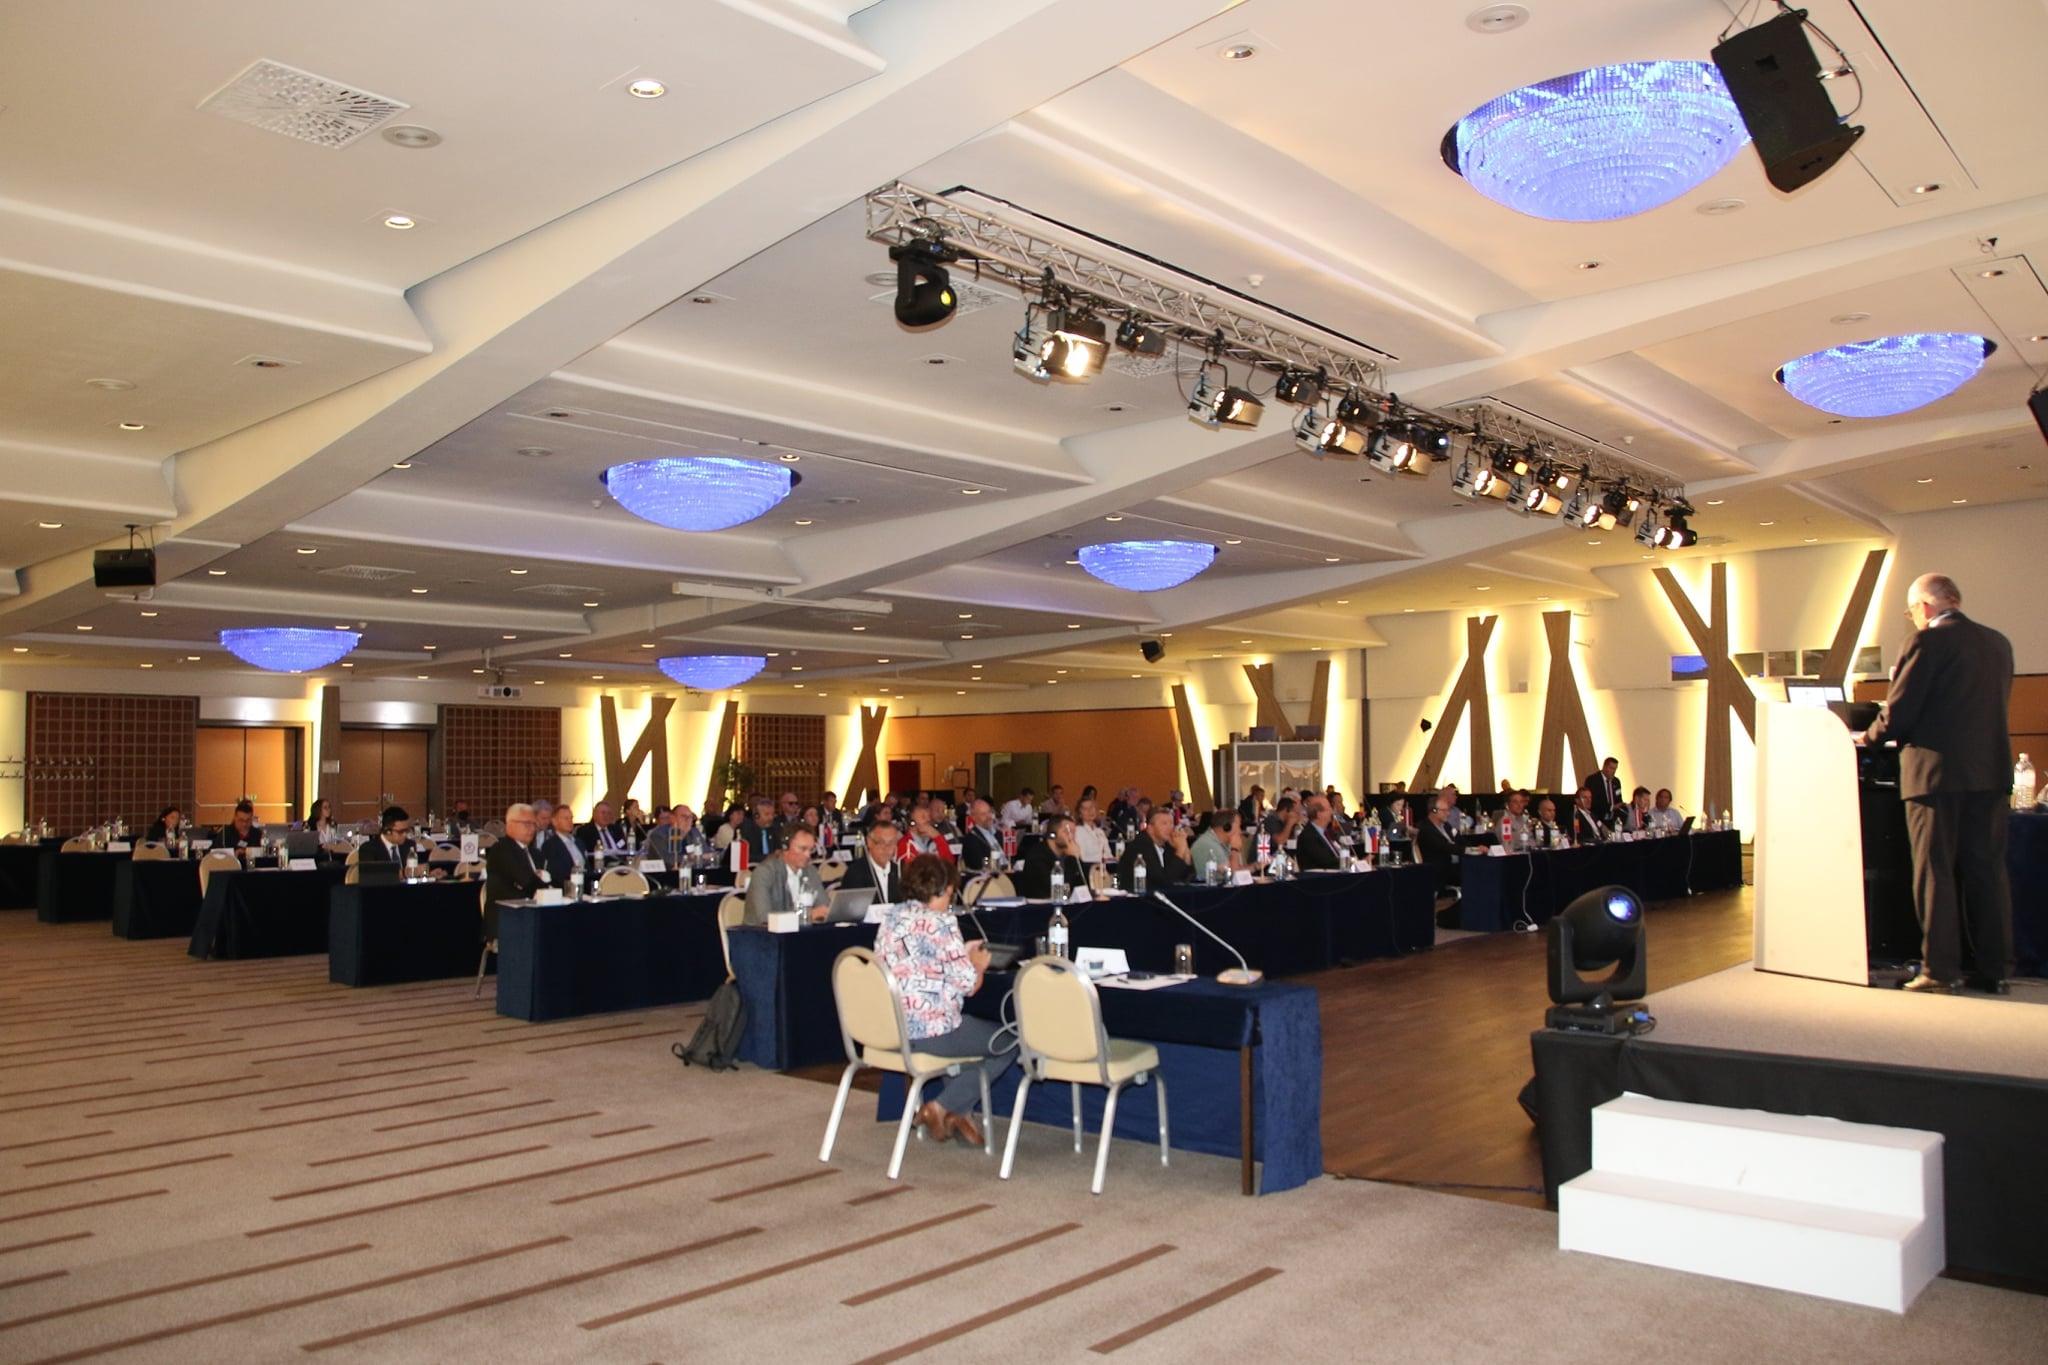 У 2023 році Львів прийме 71-конгрес міжнародної федерації санного спорту